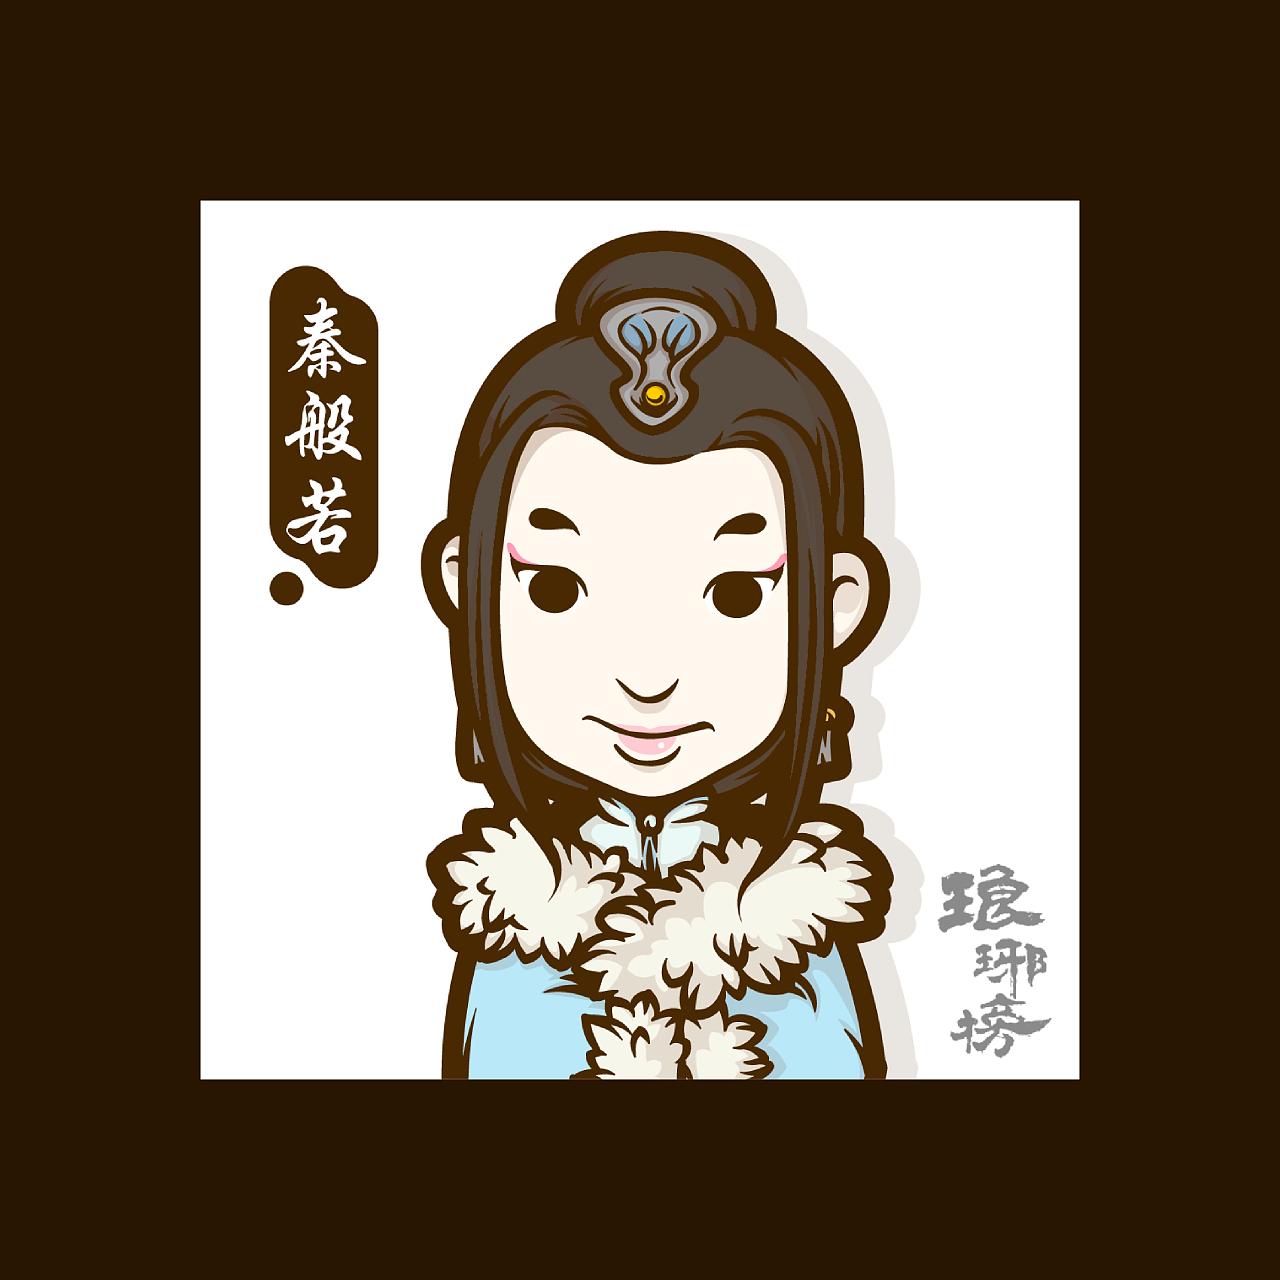 煲剧-琅琊榜 人物卡通形象设计图片